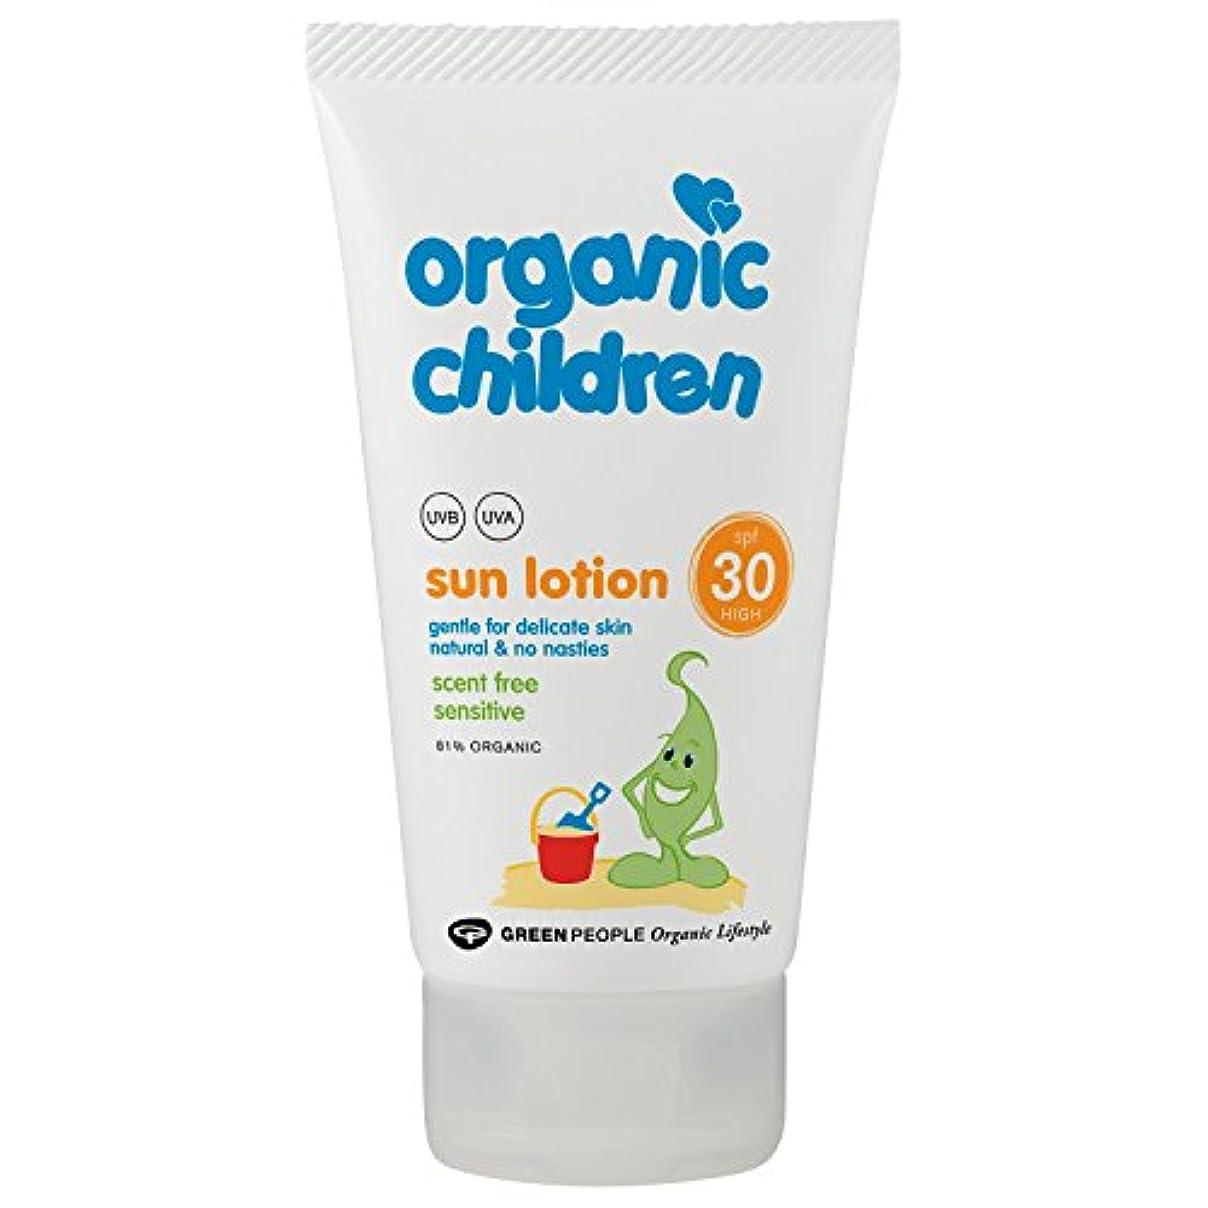 バルク限界賭けOrganic Children SPF 30 Sun Lotion 150g - 有機子どもたちは30日のローション150グラムを [並行輸入品]